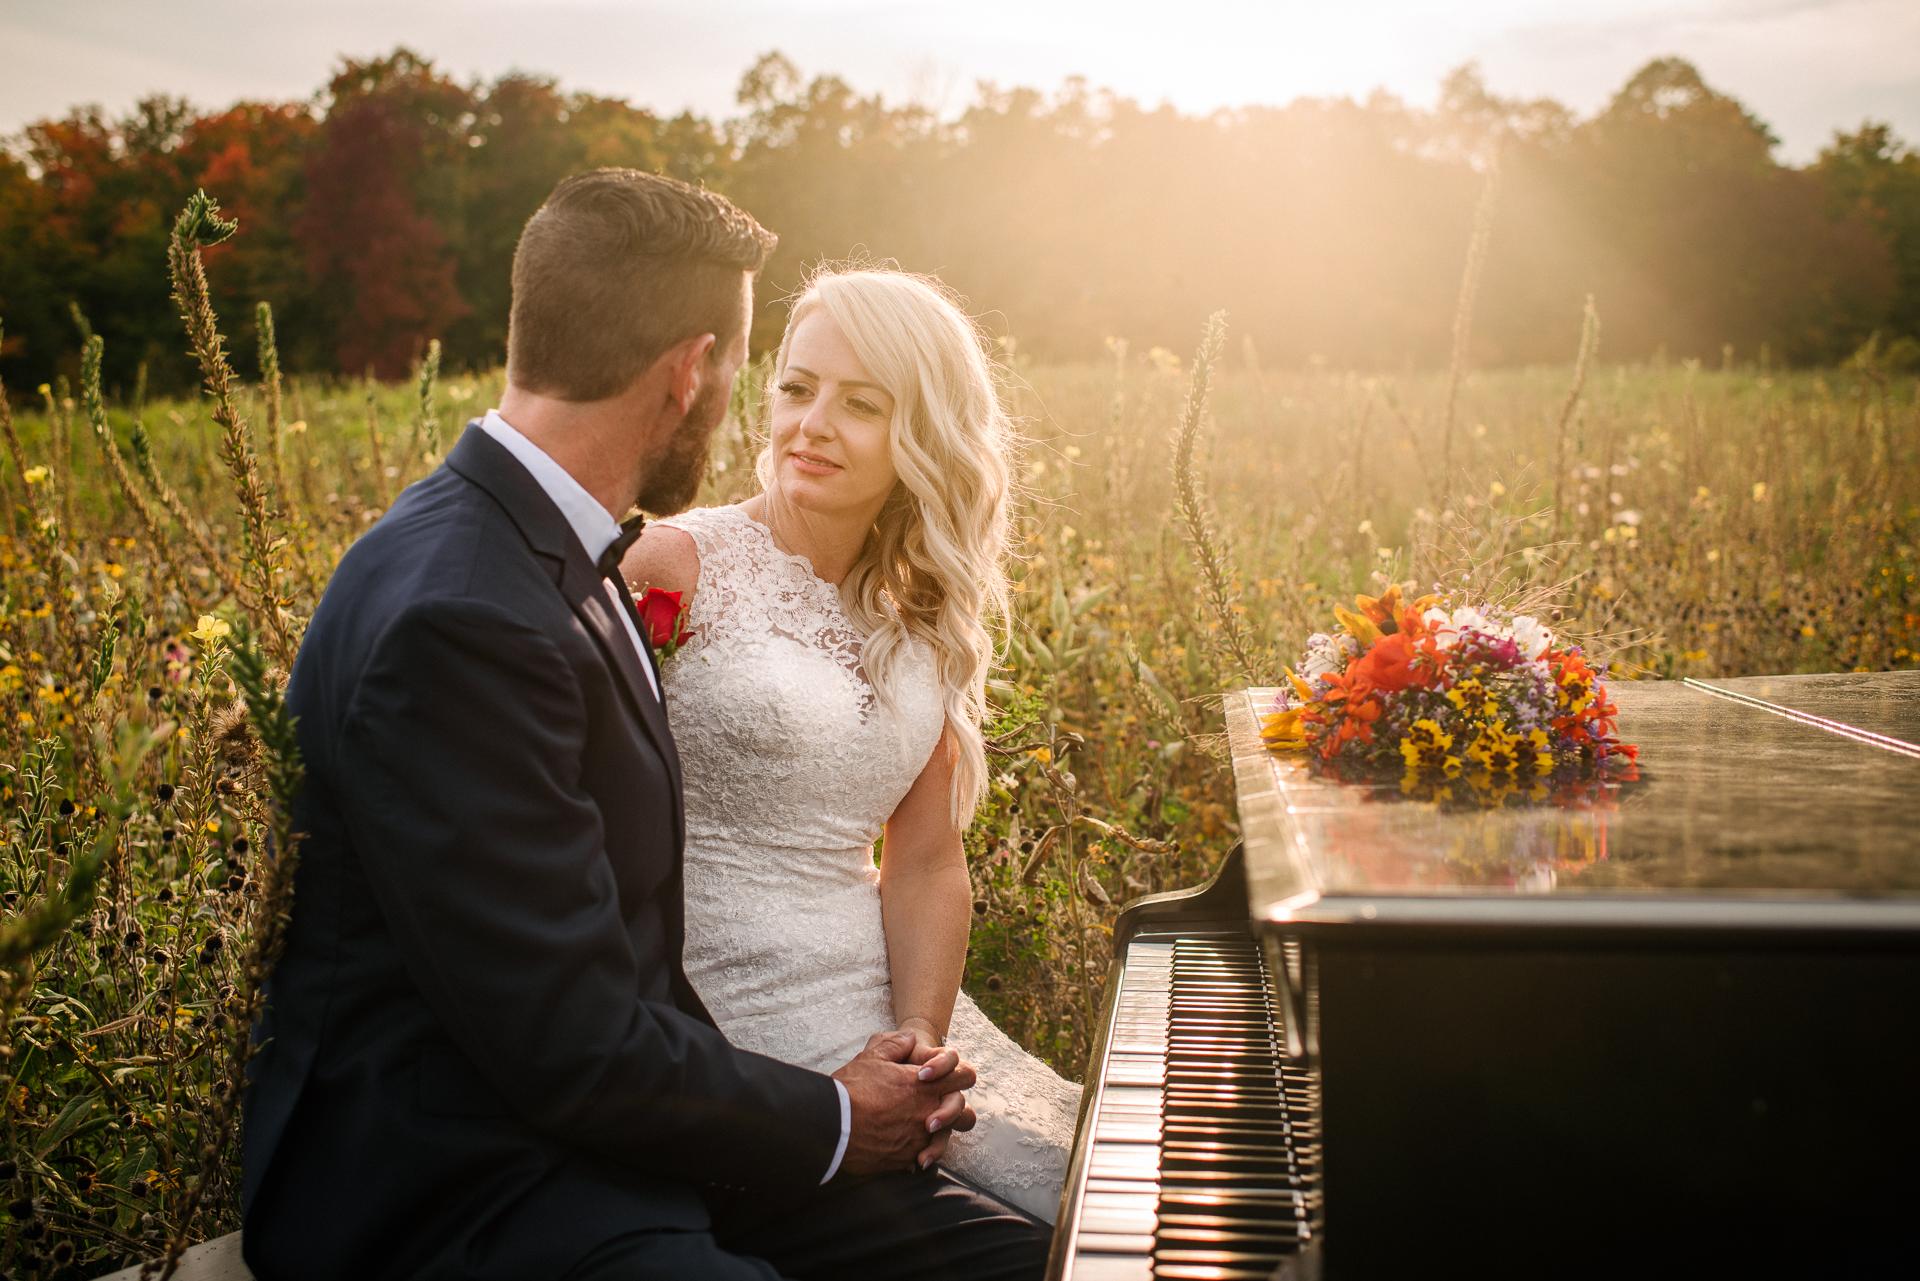 Ontario Hochzeitspaar Portraits | Braut und Bräutigam sitzen auf einem Klavier